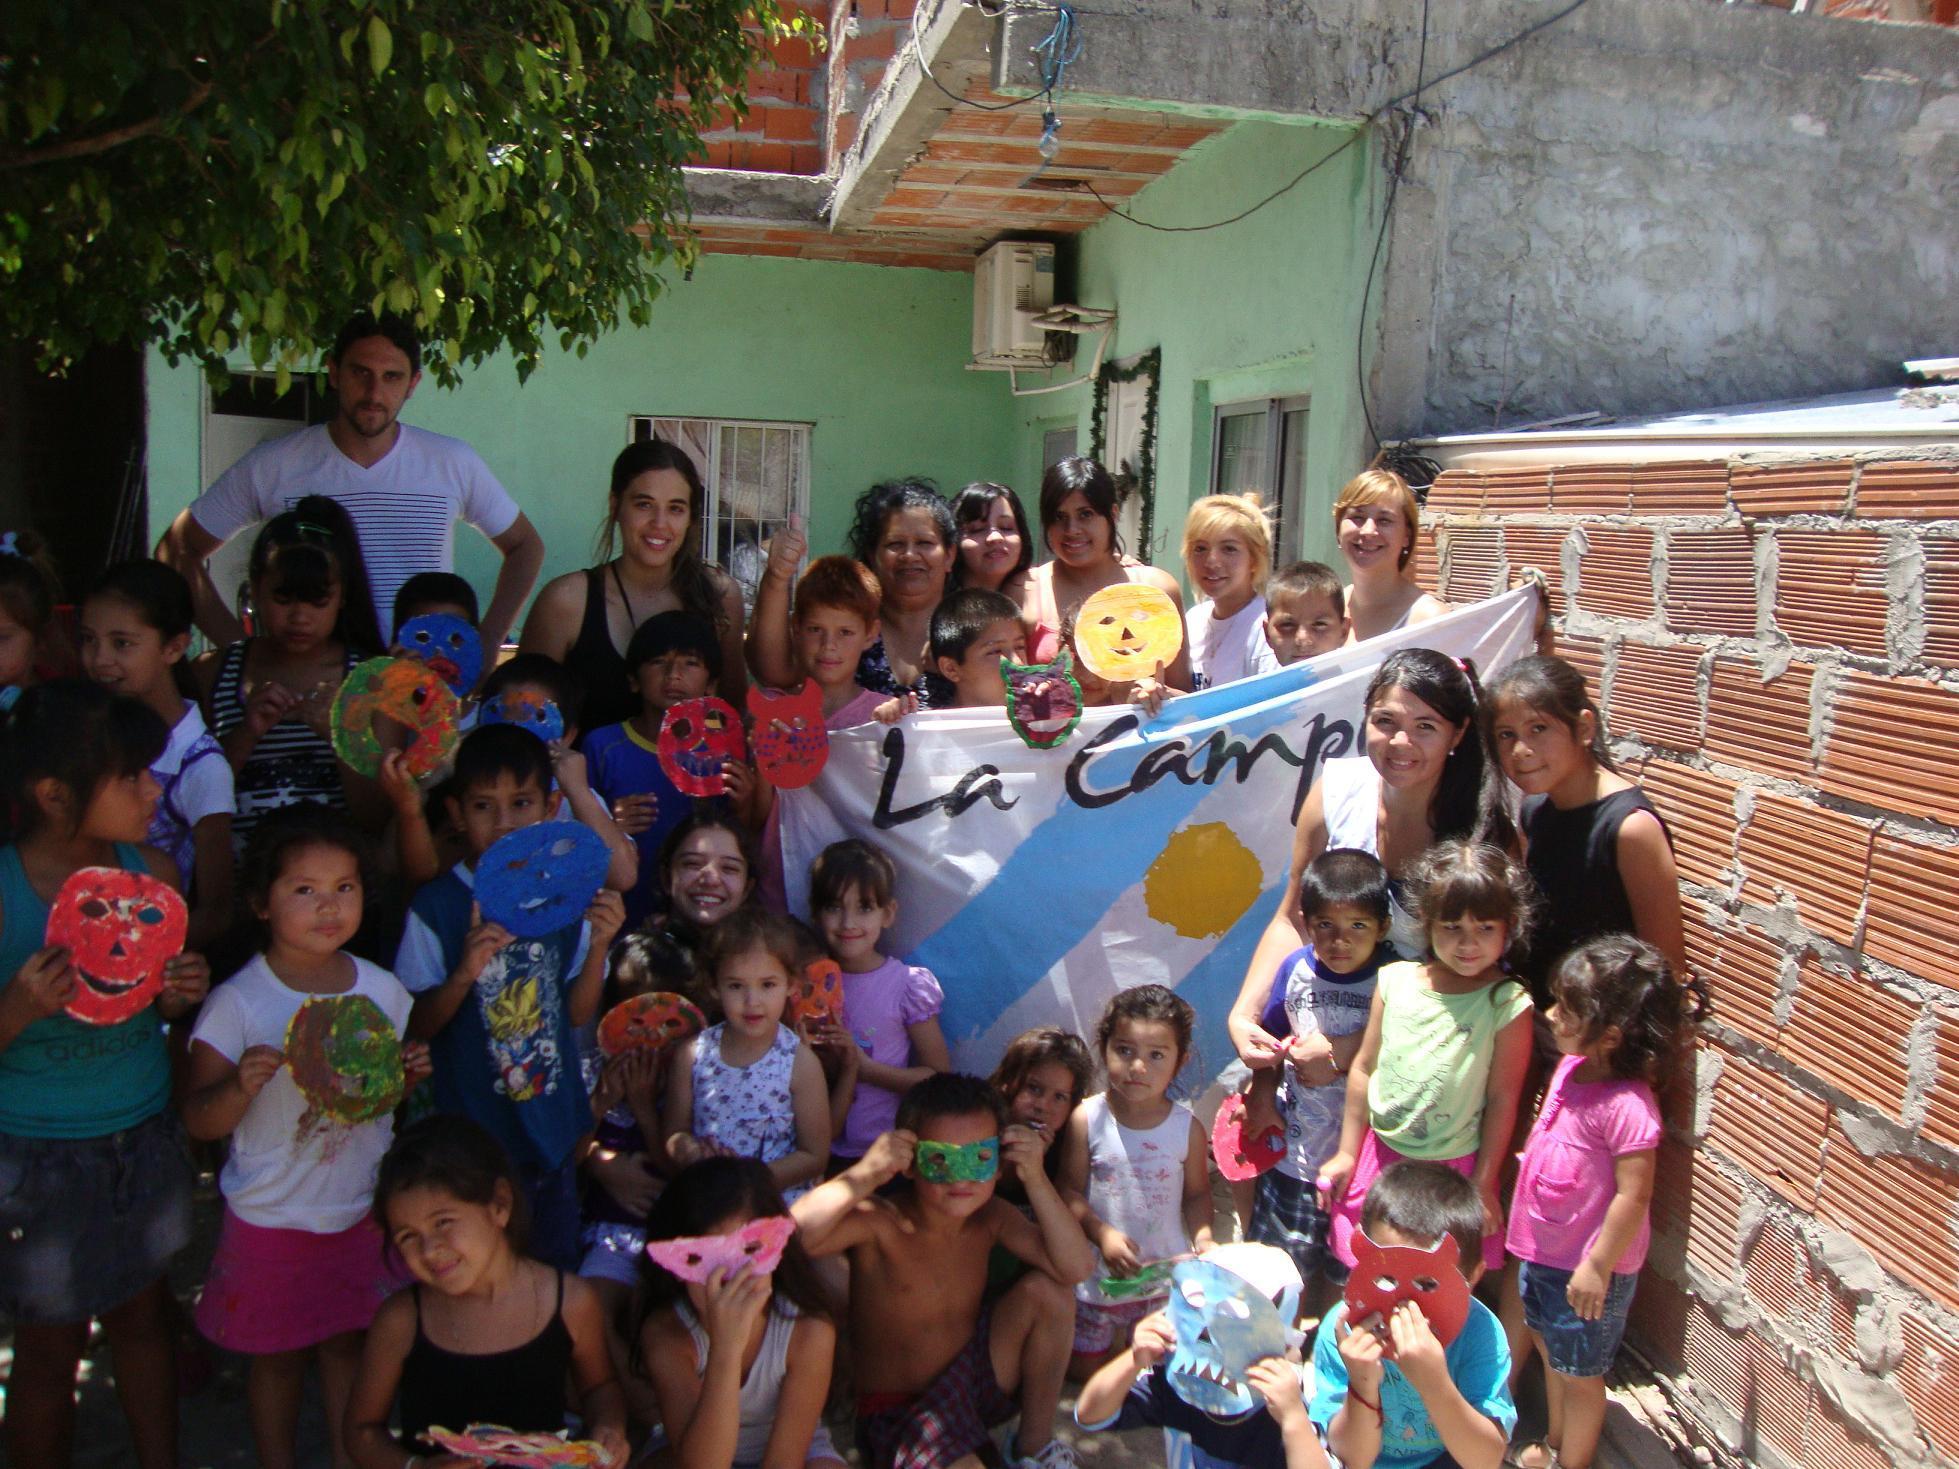 actividad-recreativa-en-el-barrio-santa-catalina-13